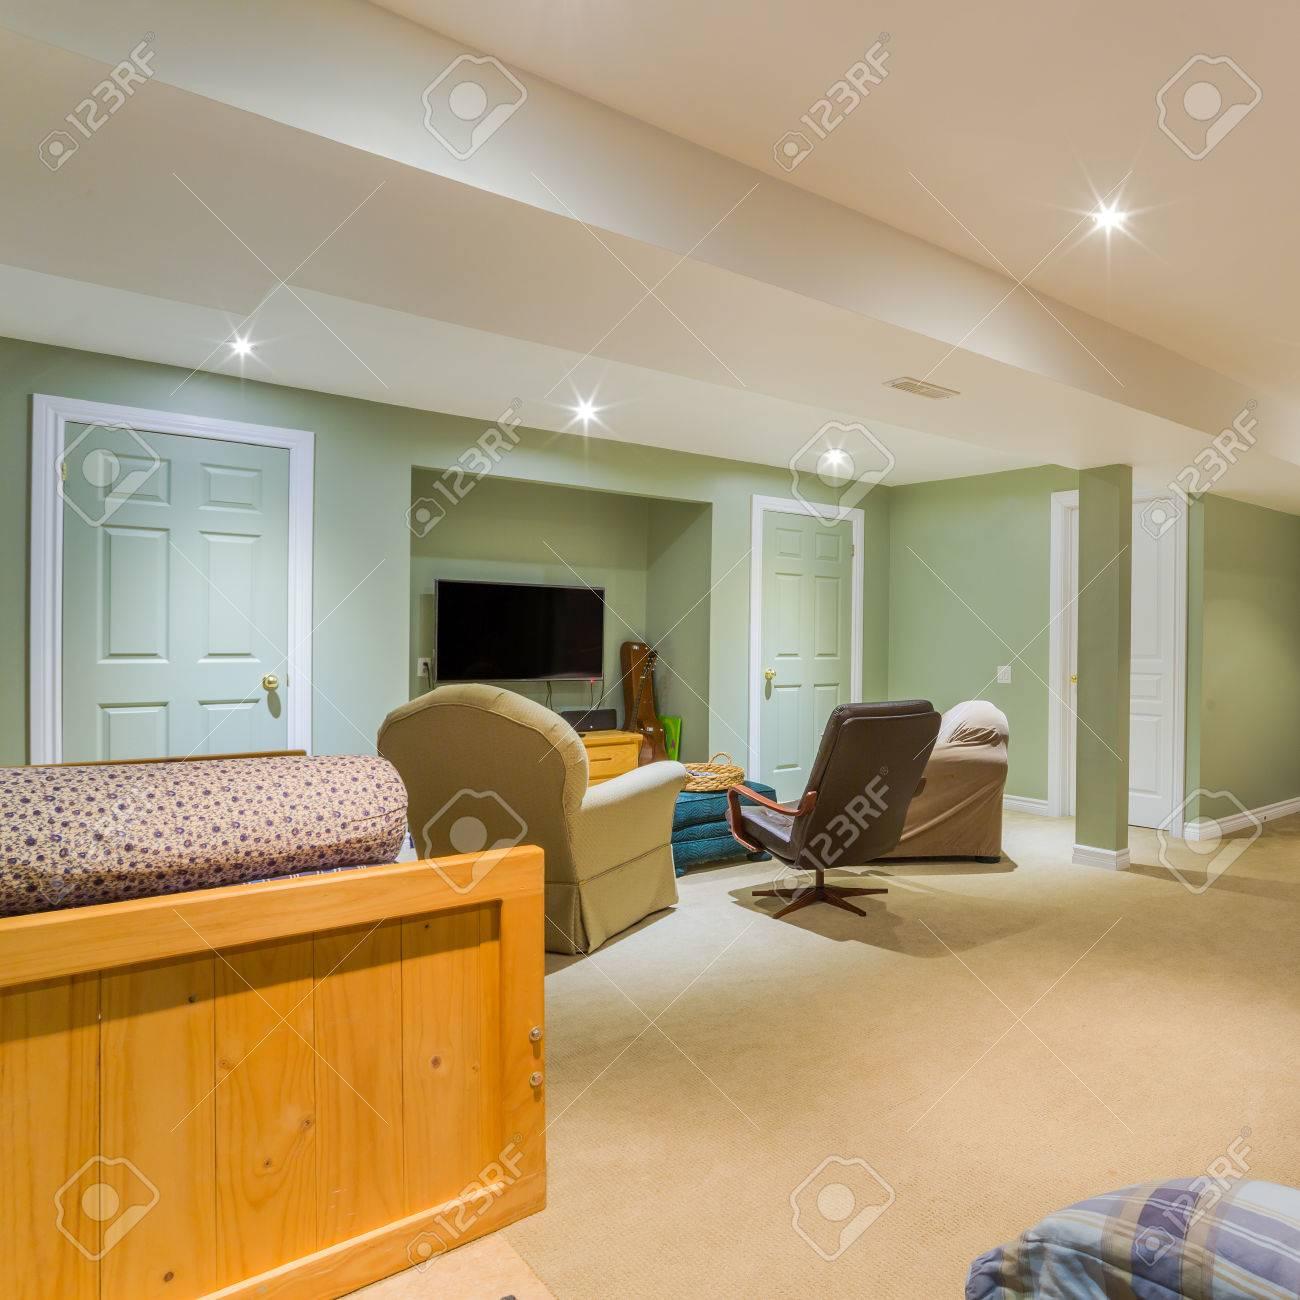 Le design intérieur du sous-sol dans une maison neuve